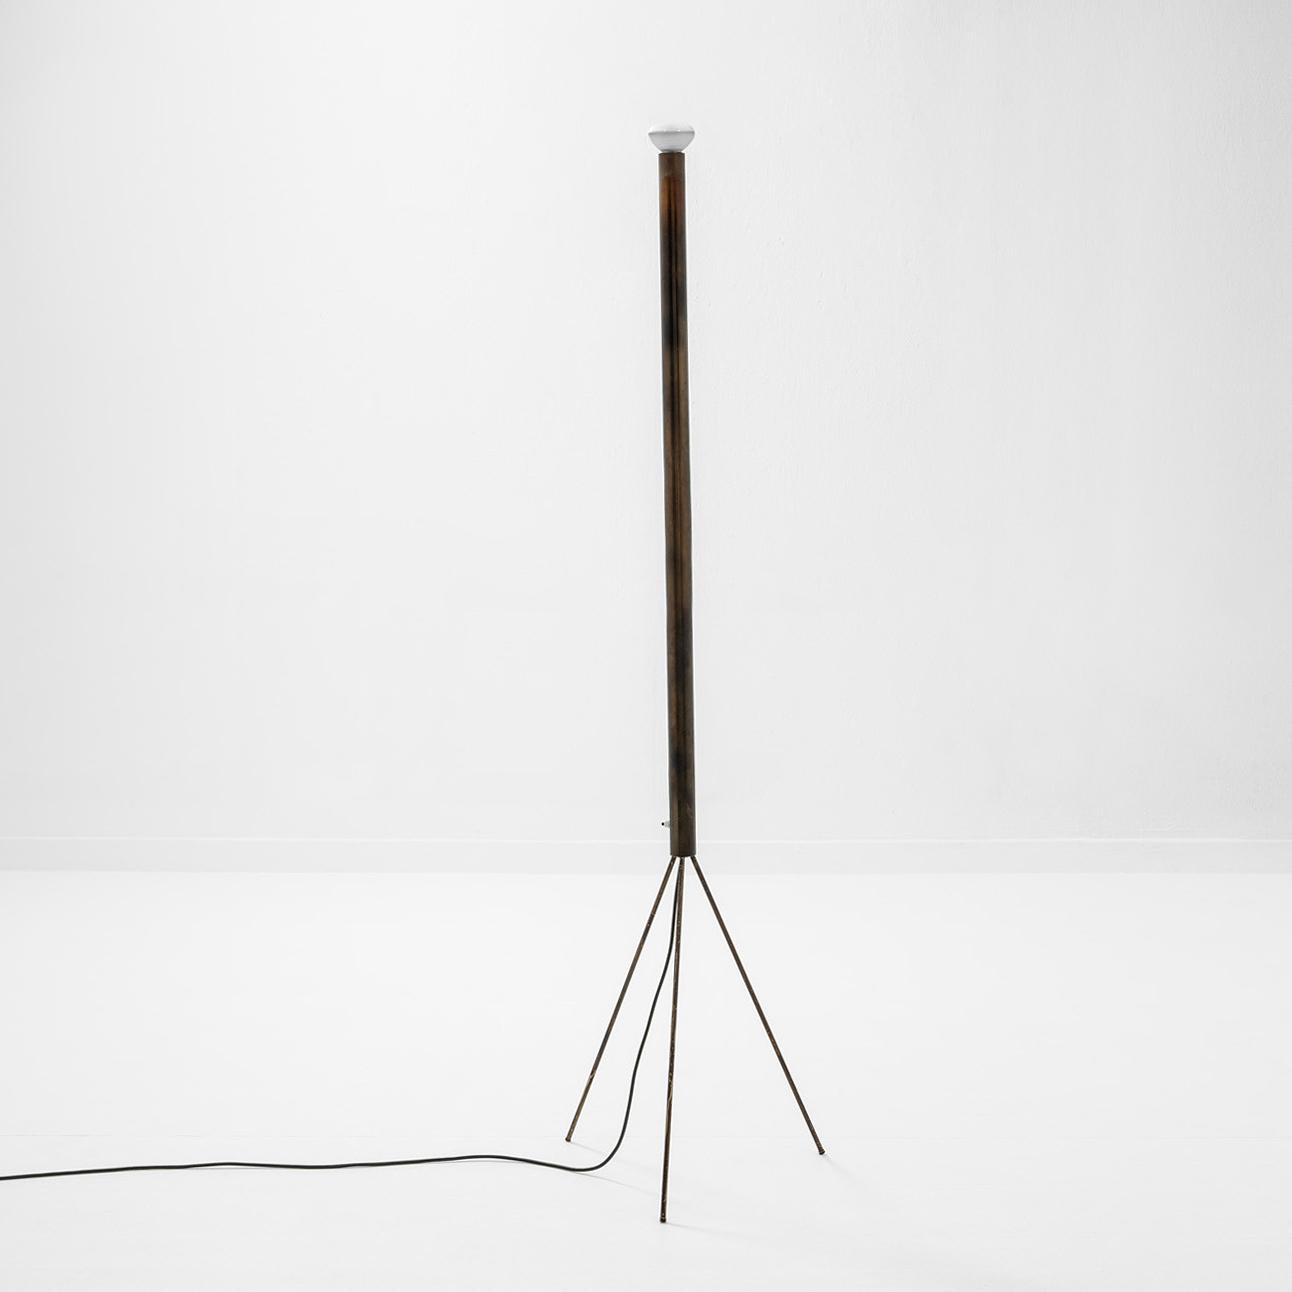 Achille Castiglioni & Pier Giacomo Castiglioni |                                  Luminator copper floor lamp